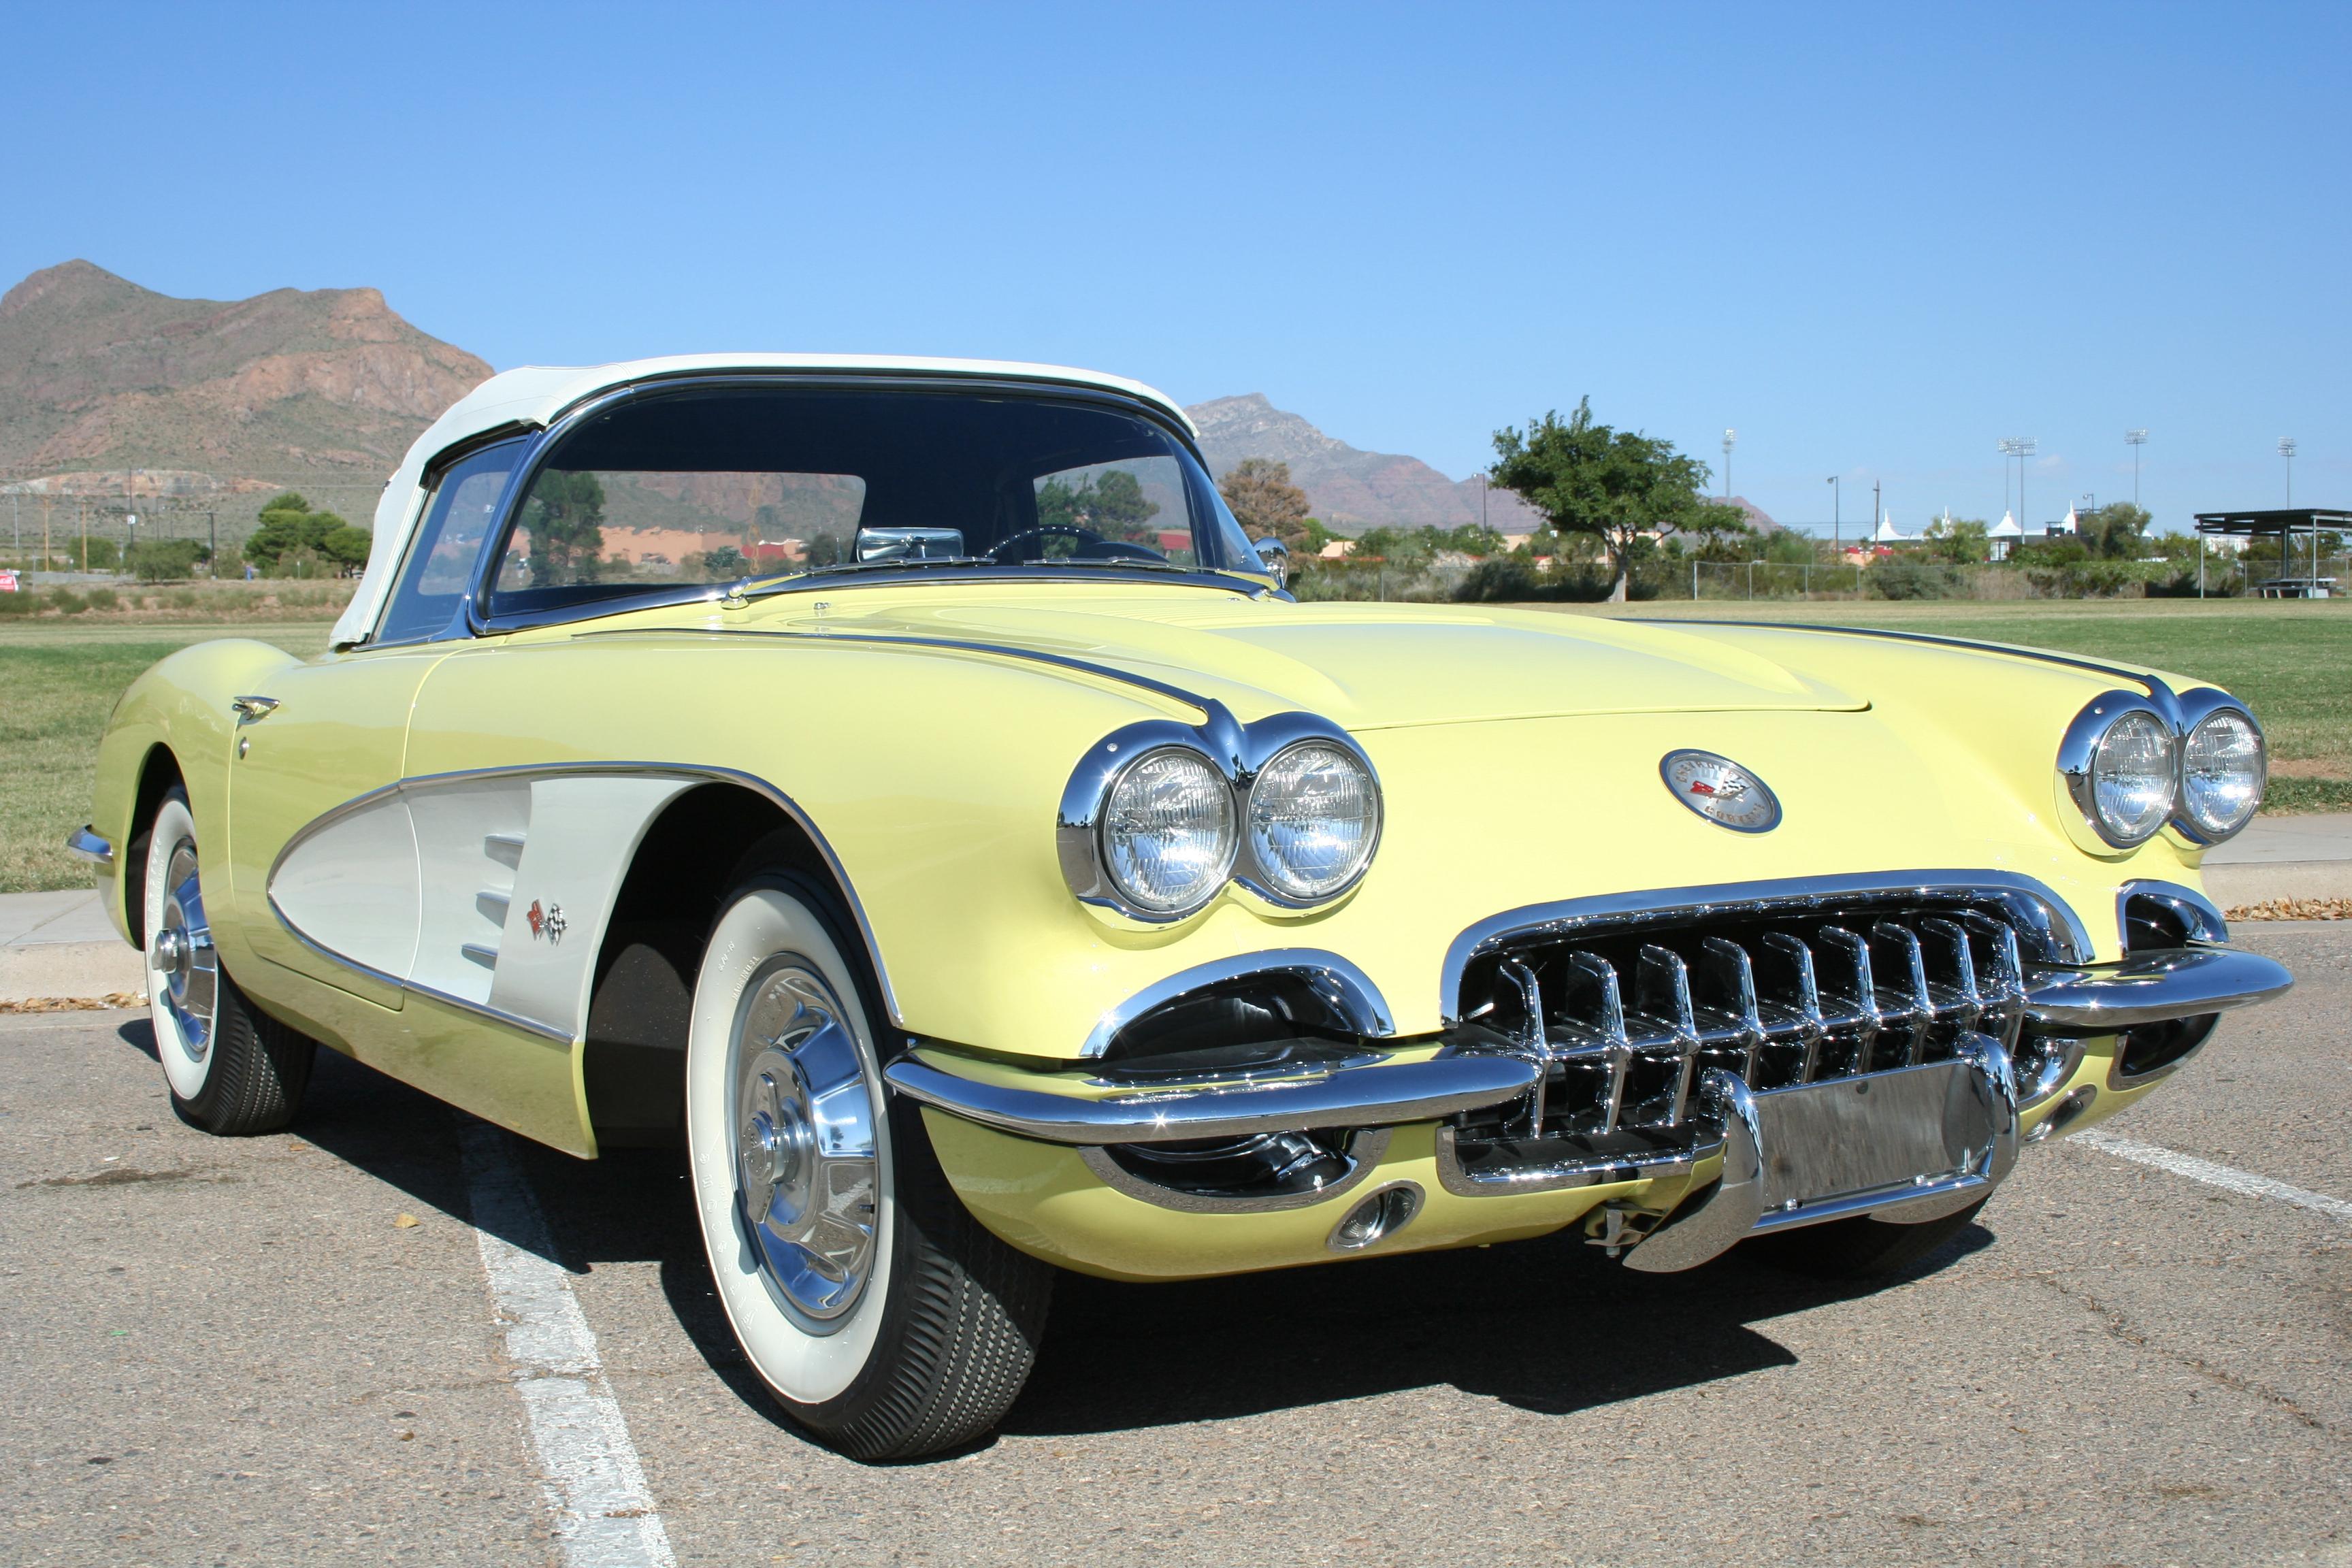 1958 Chevrolet Corvette 283/270